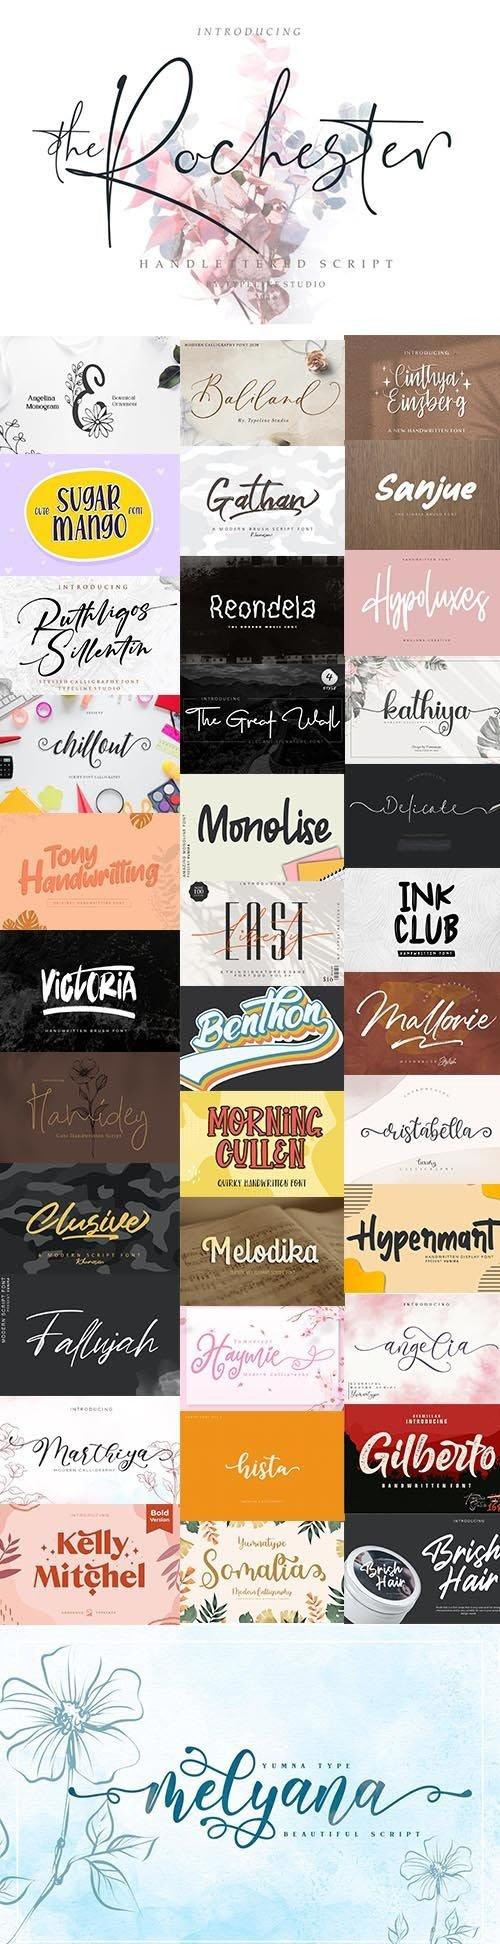 36 Super Fonts Pack - July 2020 - Vol.3